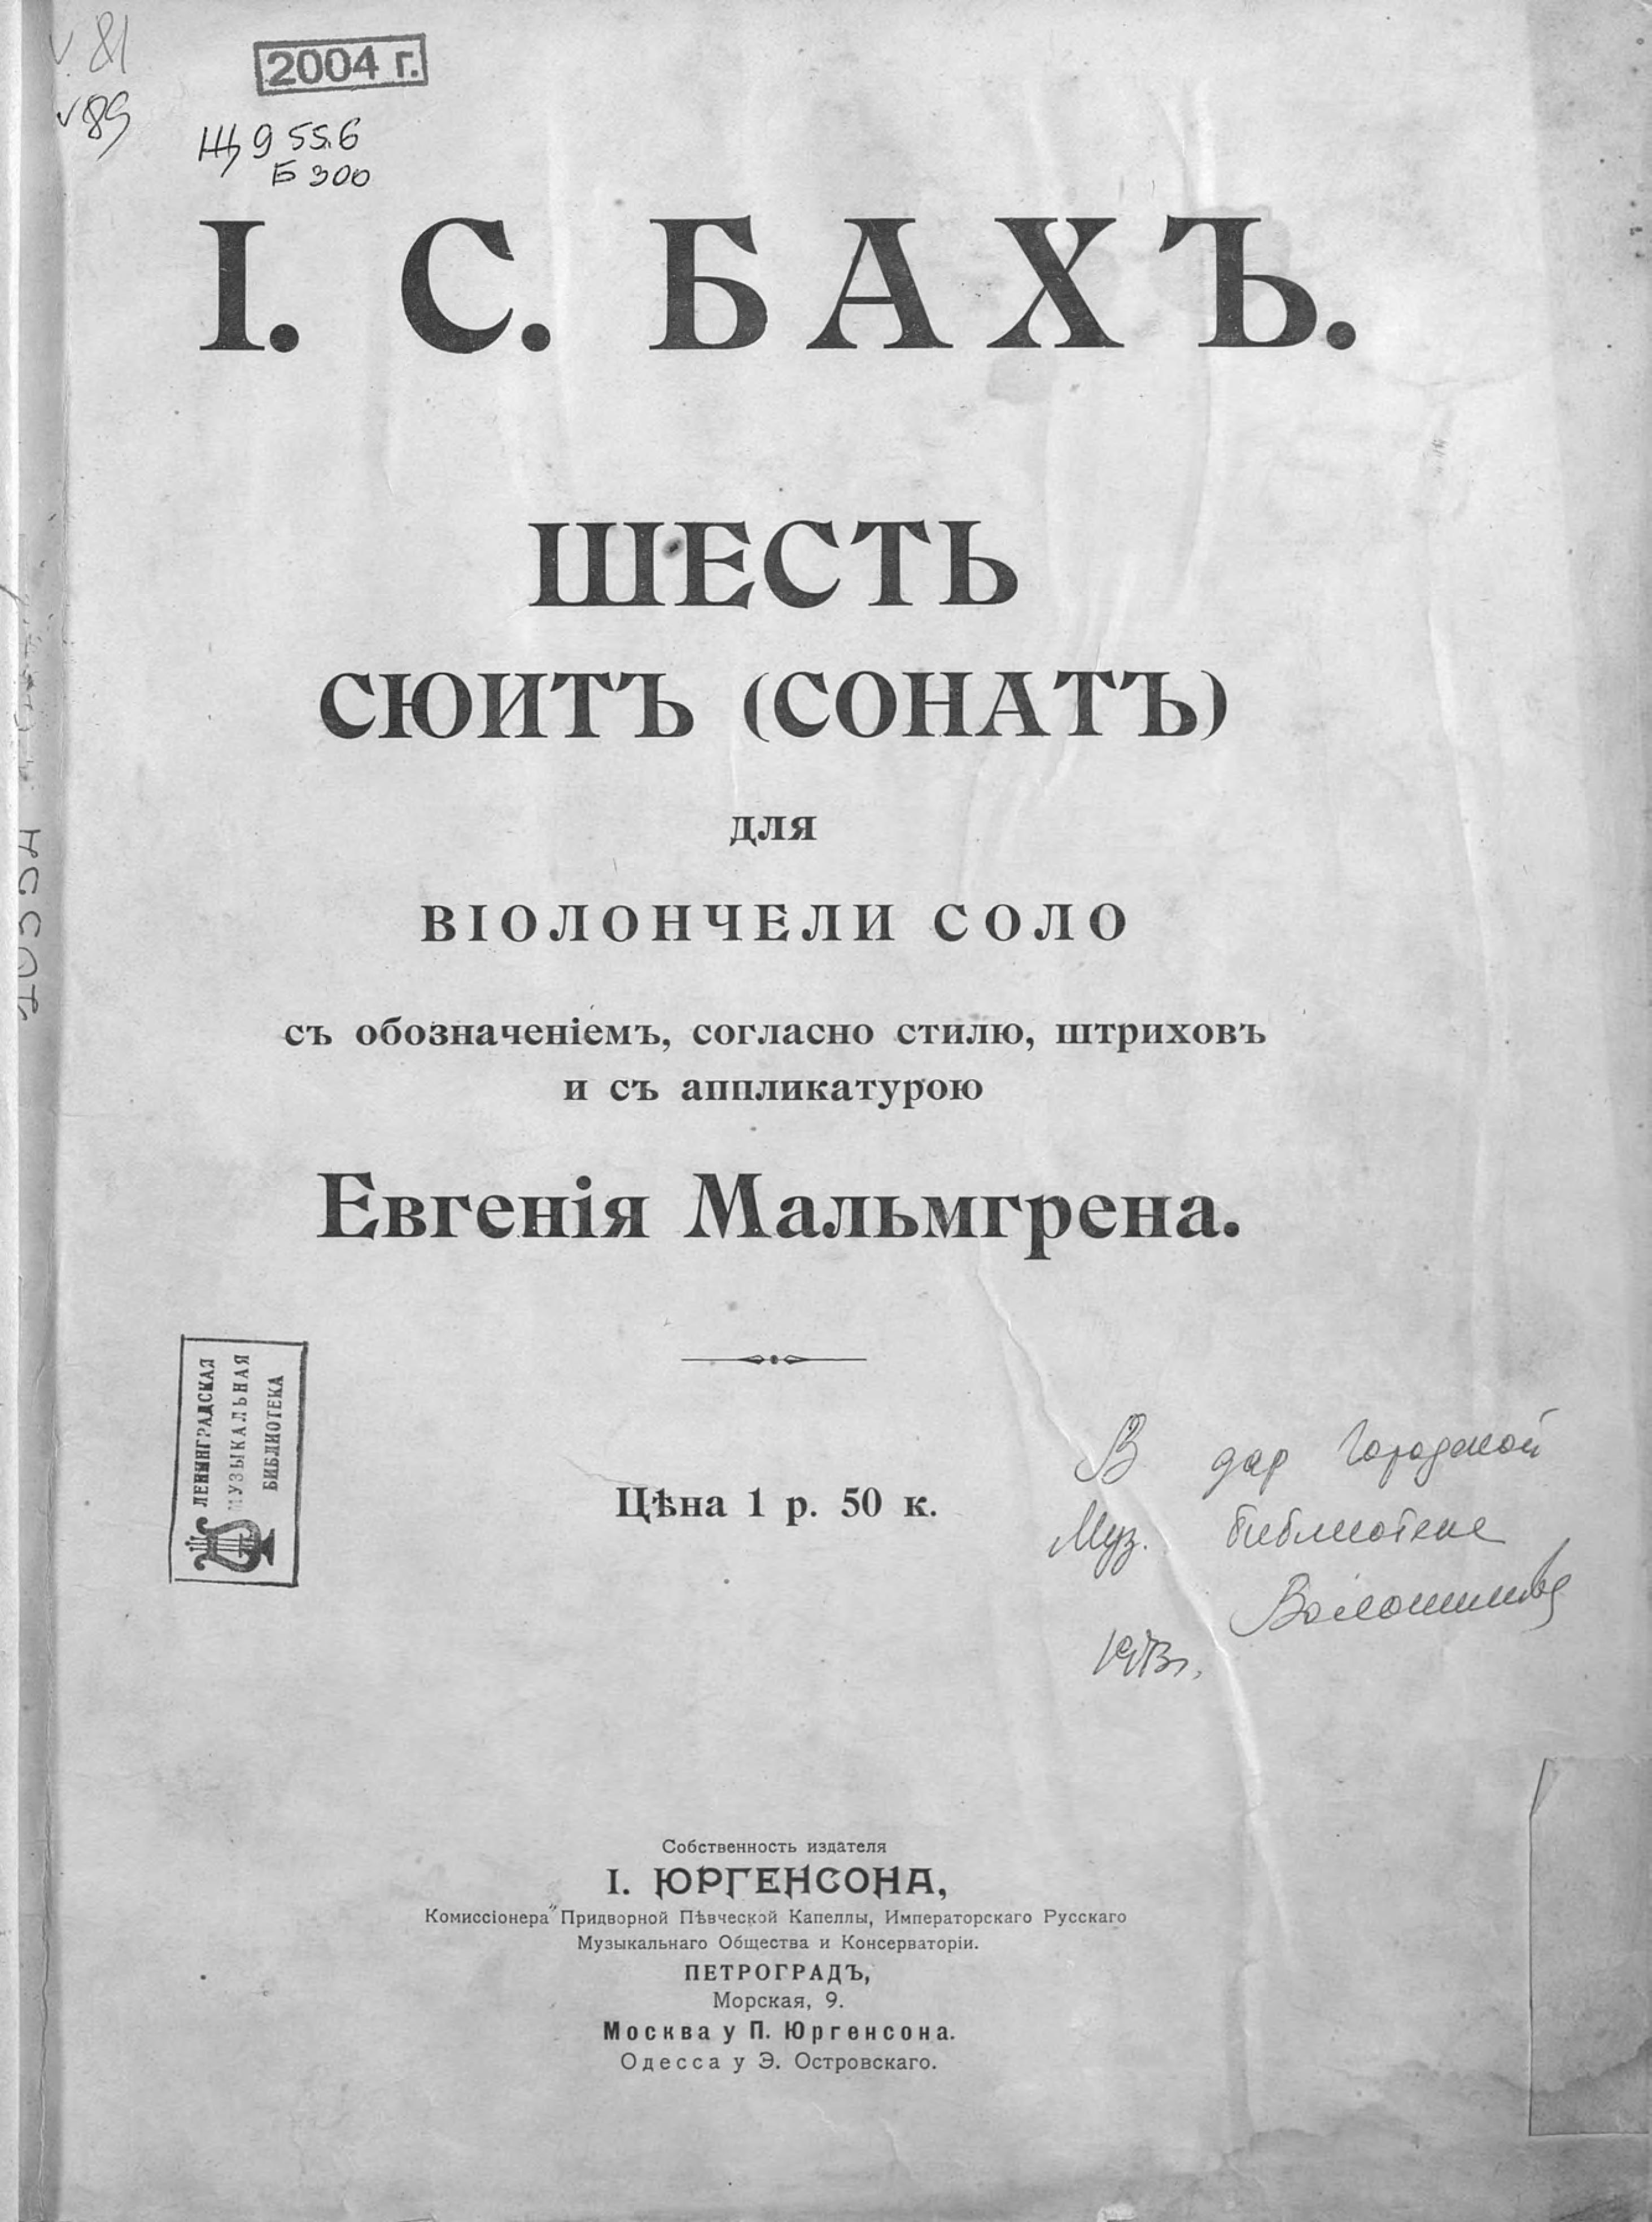 Иоганн Себастьян Бах Сюиты (сонаты) для виолончели иоганн себастьян бах хроматическая фантазия и фуга